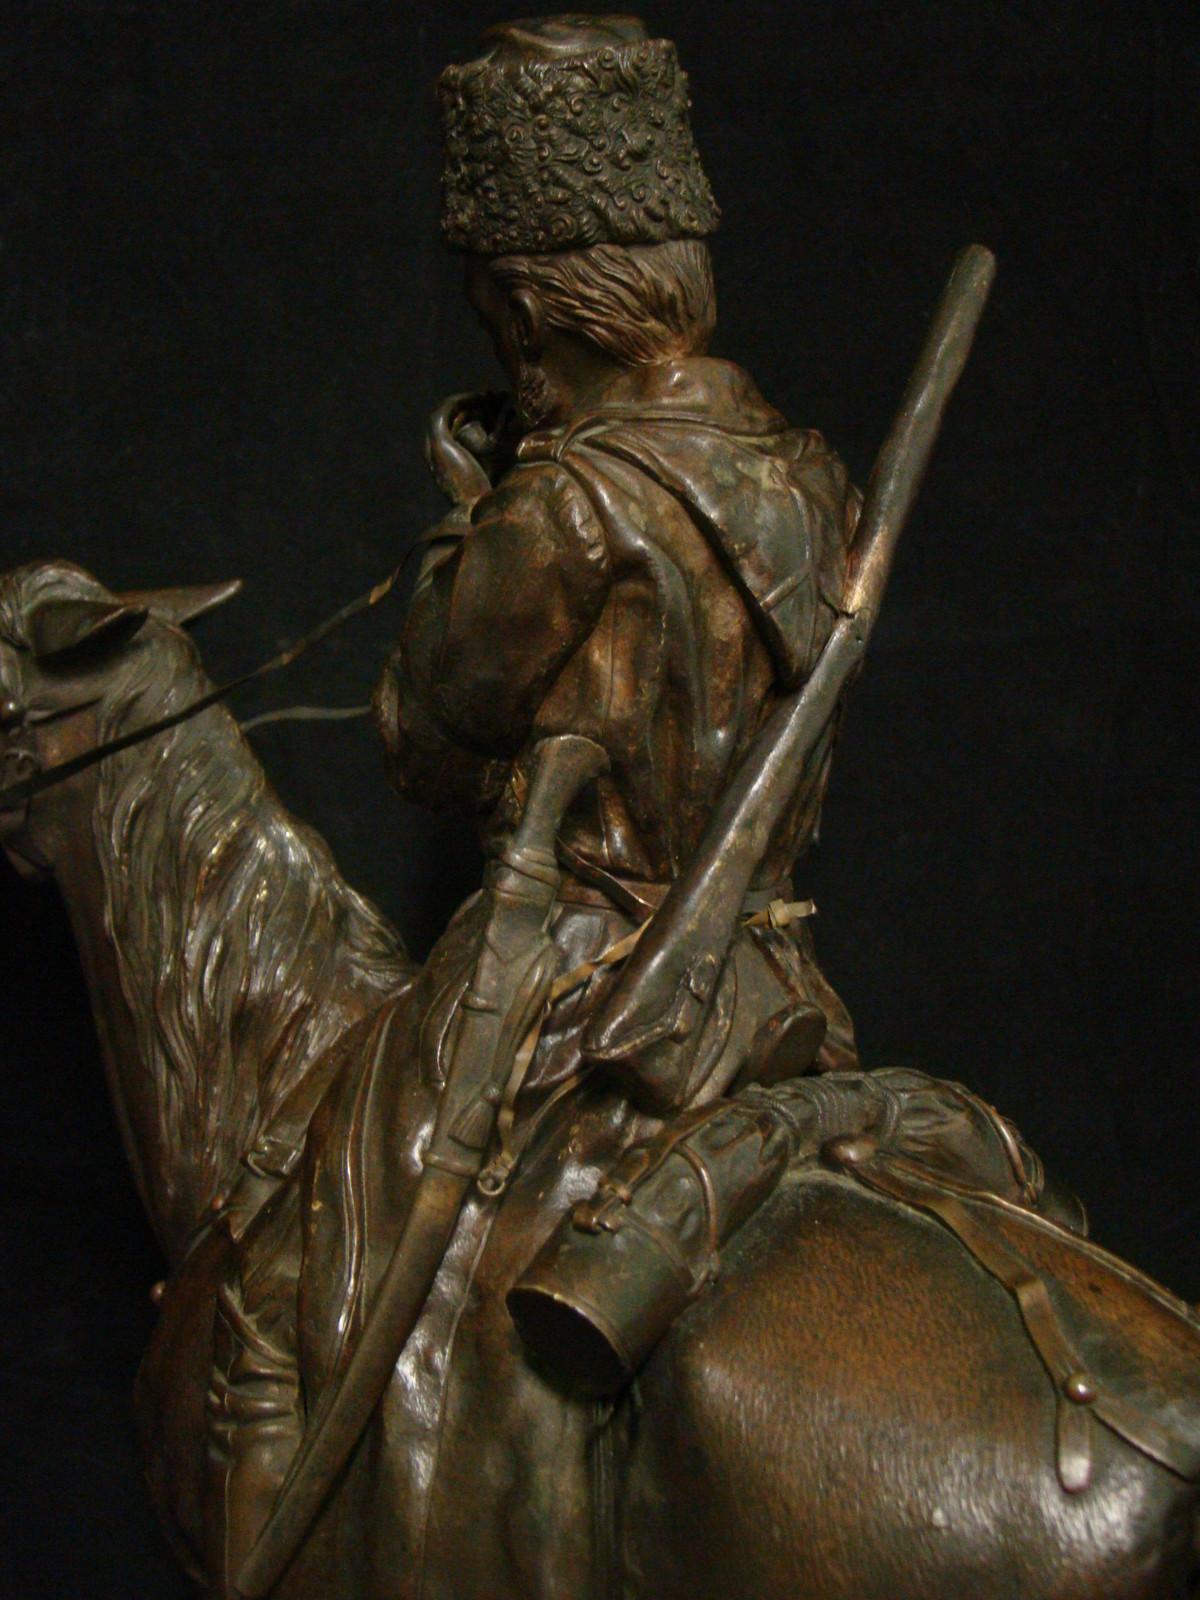 samonov-samonoff - bronze-statue-samonoff